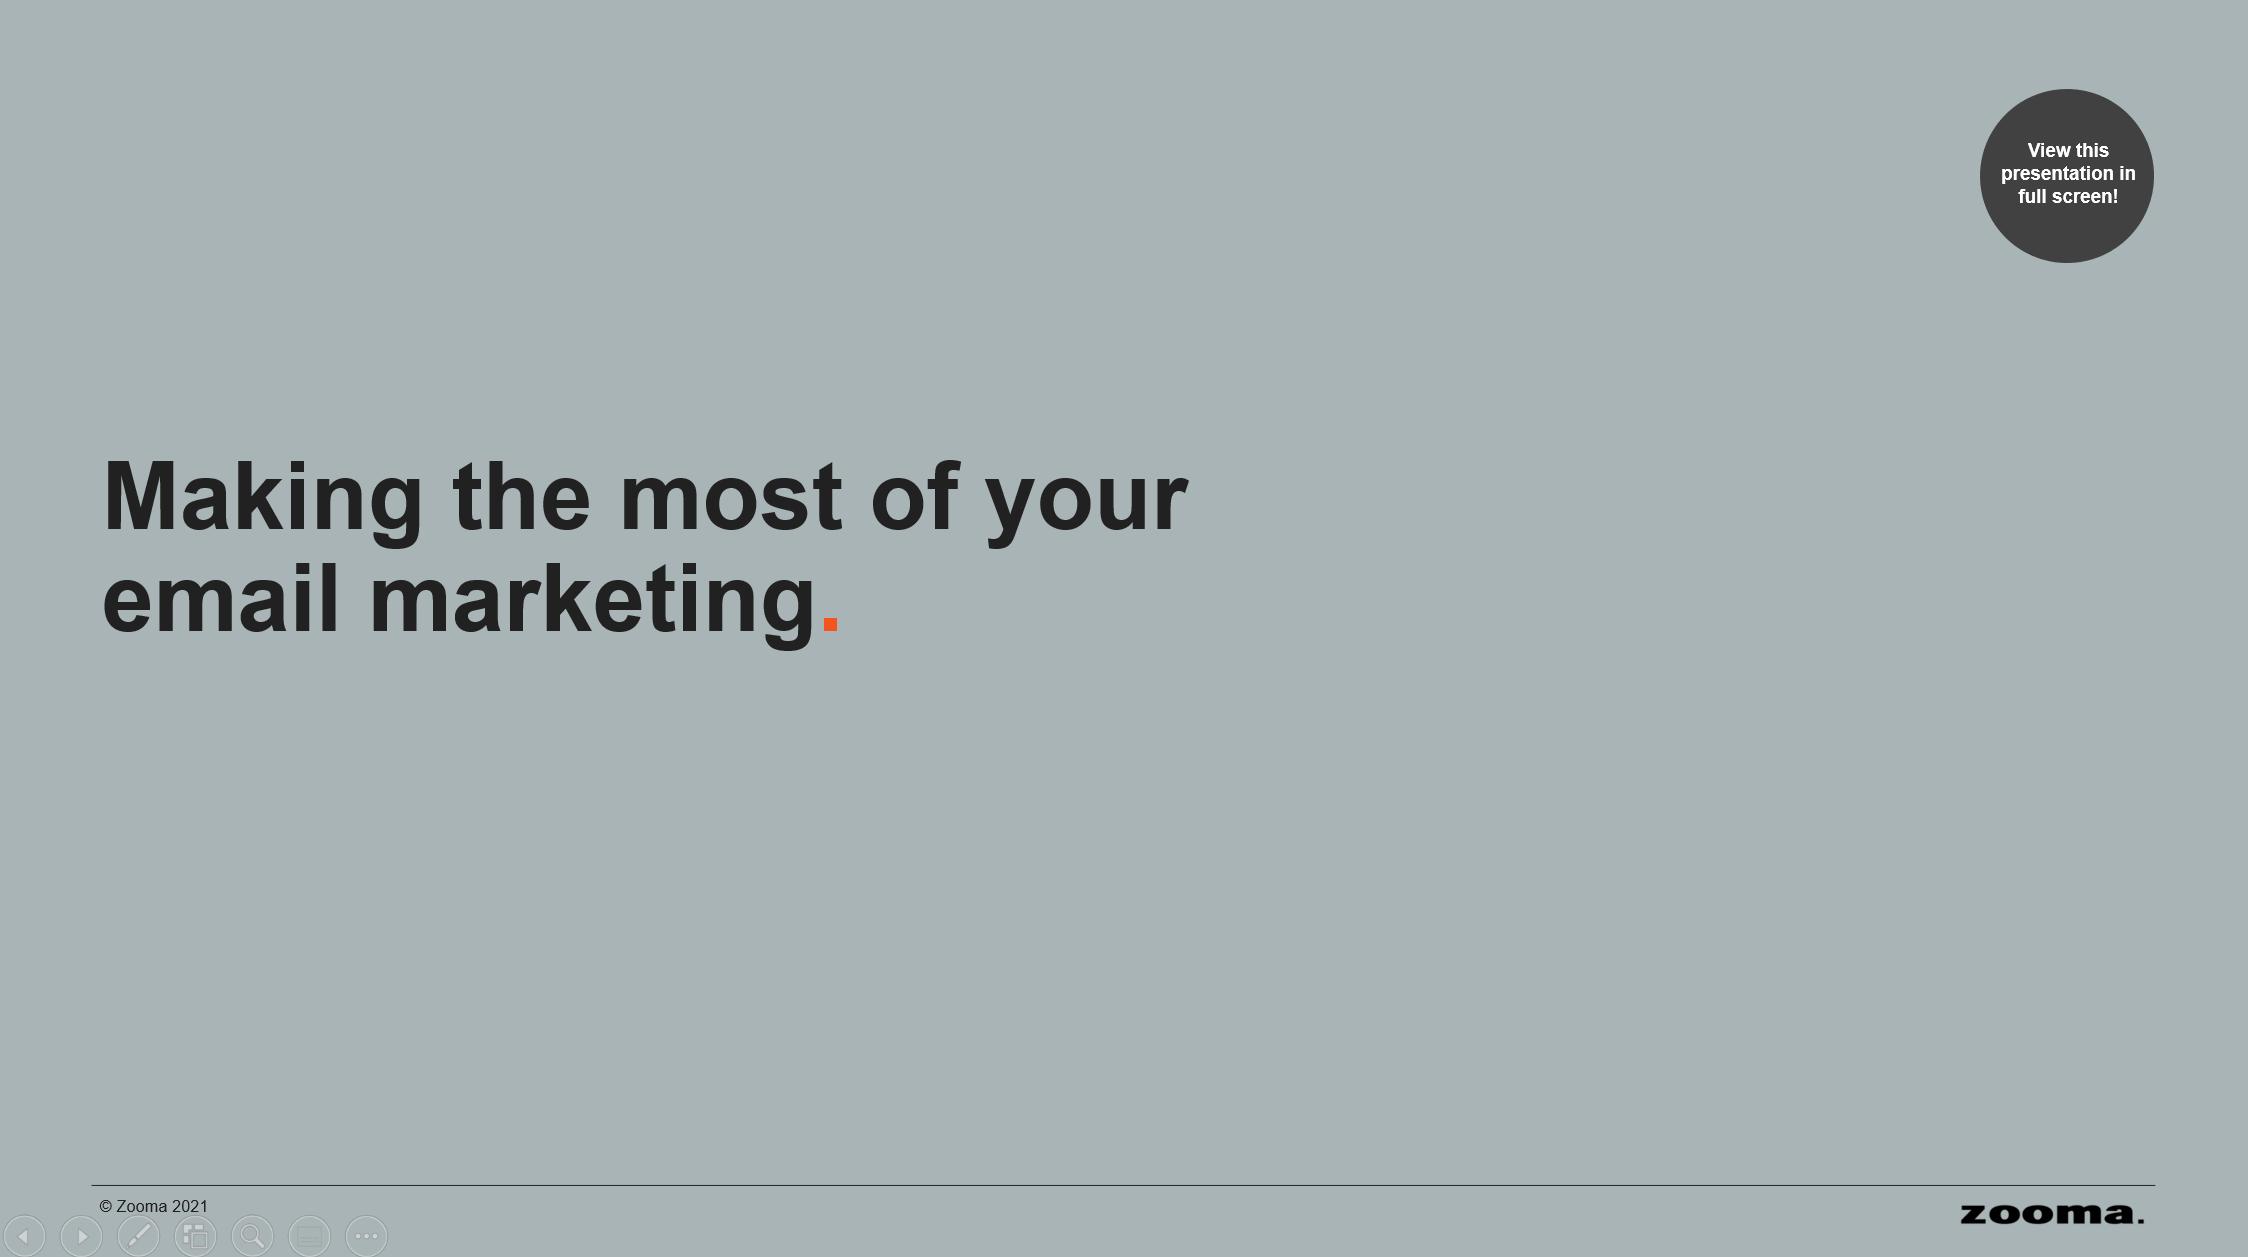 Email marketing tips title slide screenshot